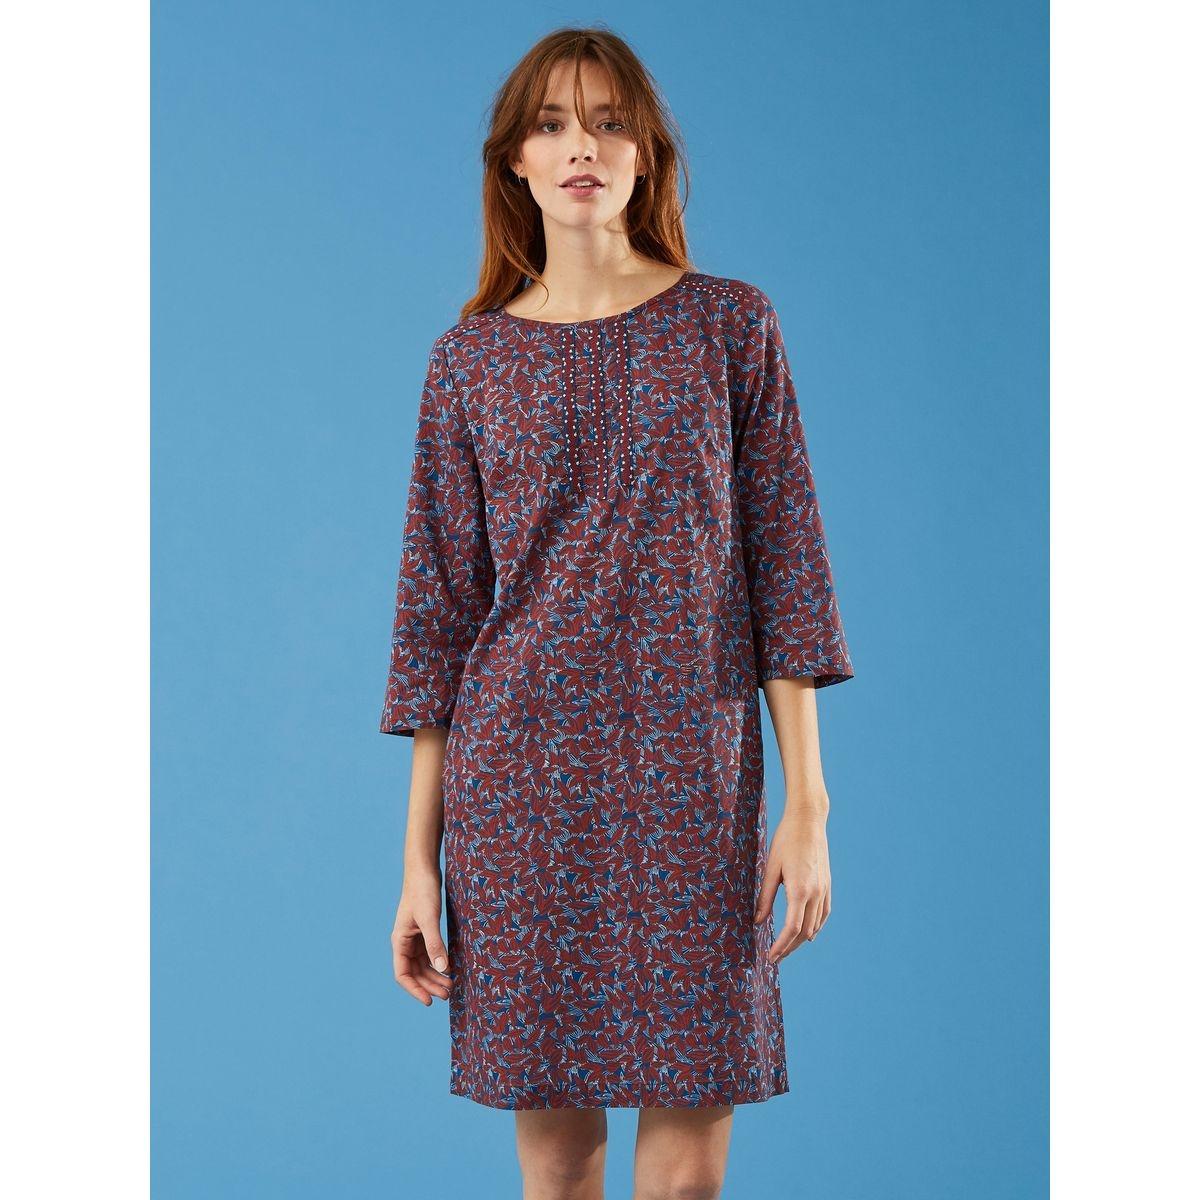 Robe trapèze voile de coton imprimé exclusif Manguier, LAWAS